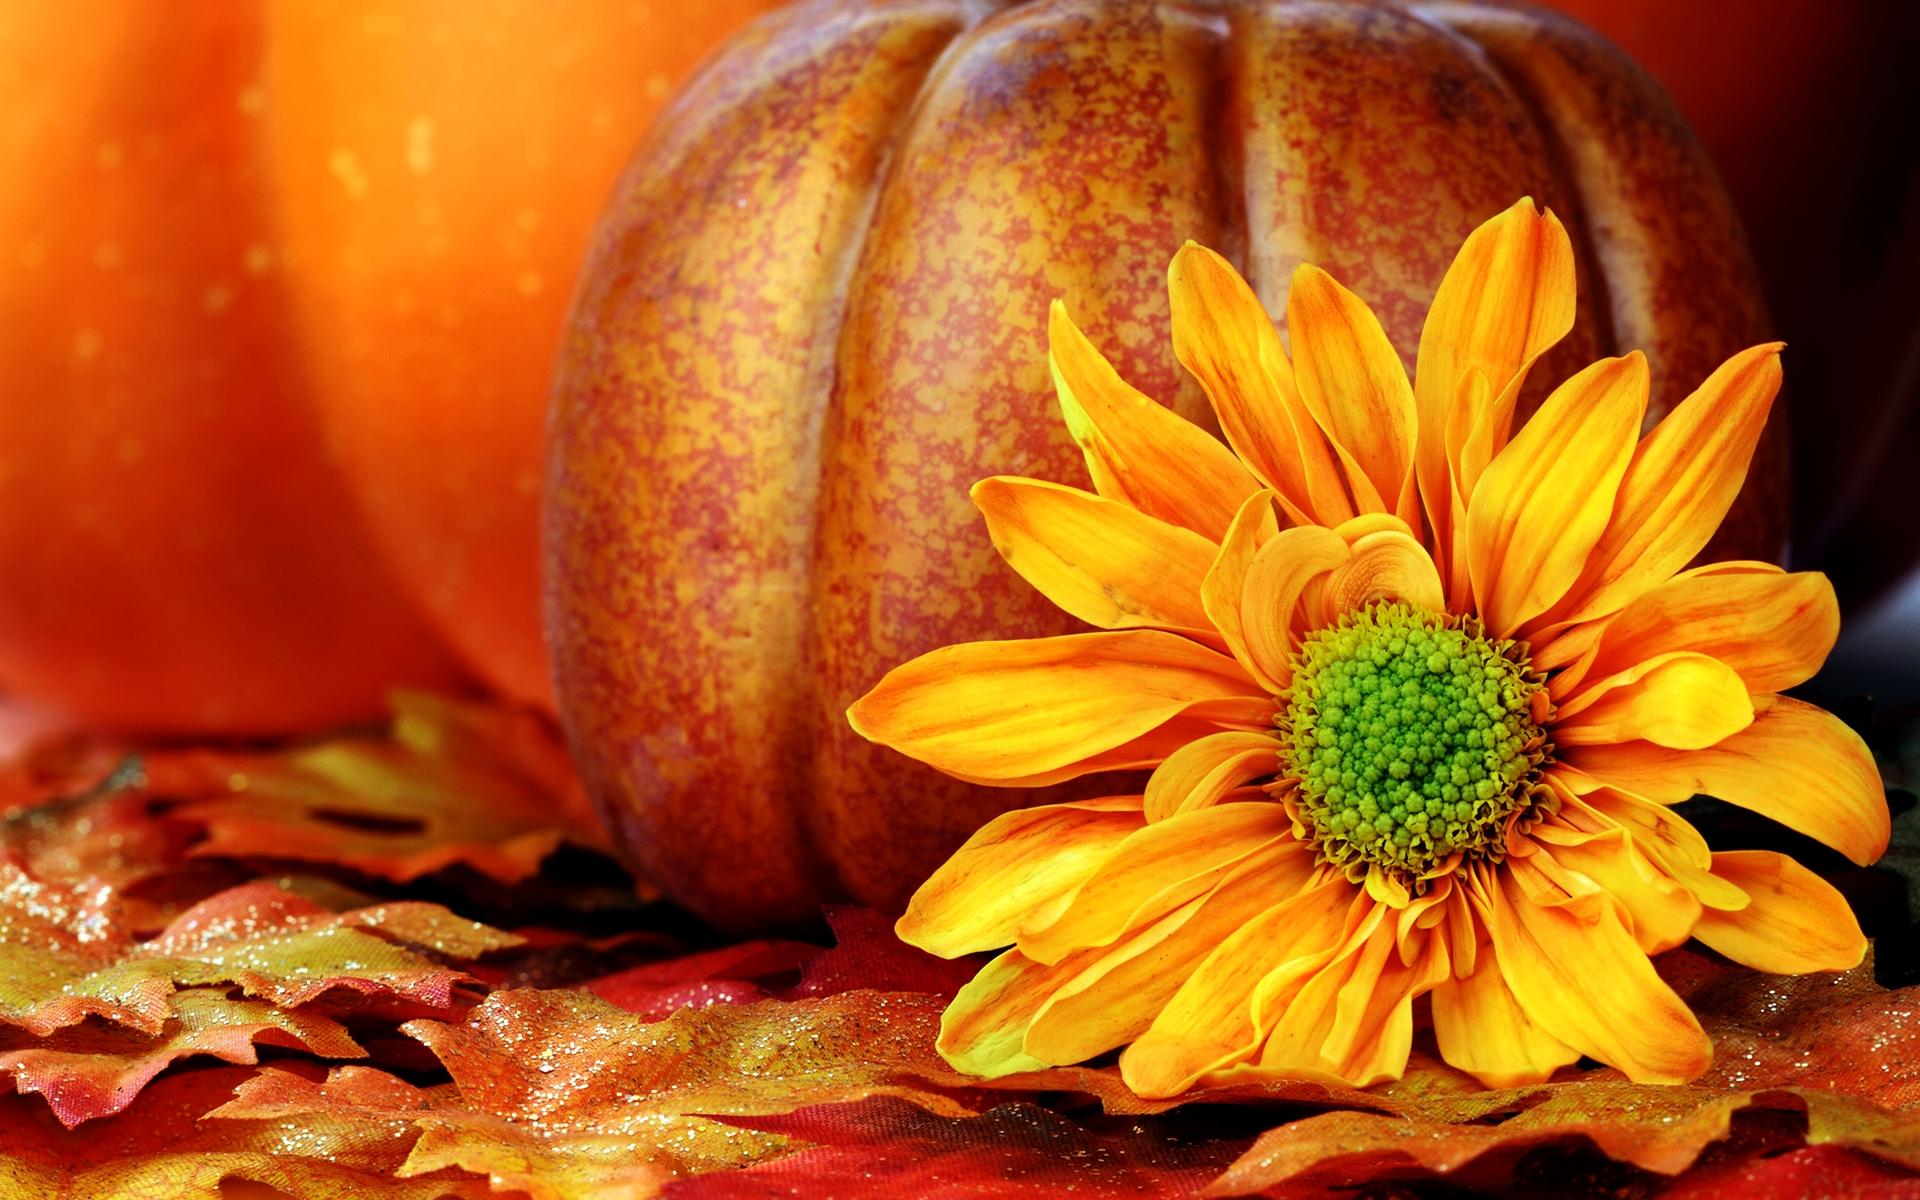 fall pumpkin desktop backgrounds hd wallpaper, background images